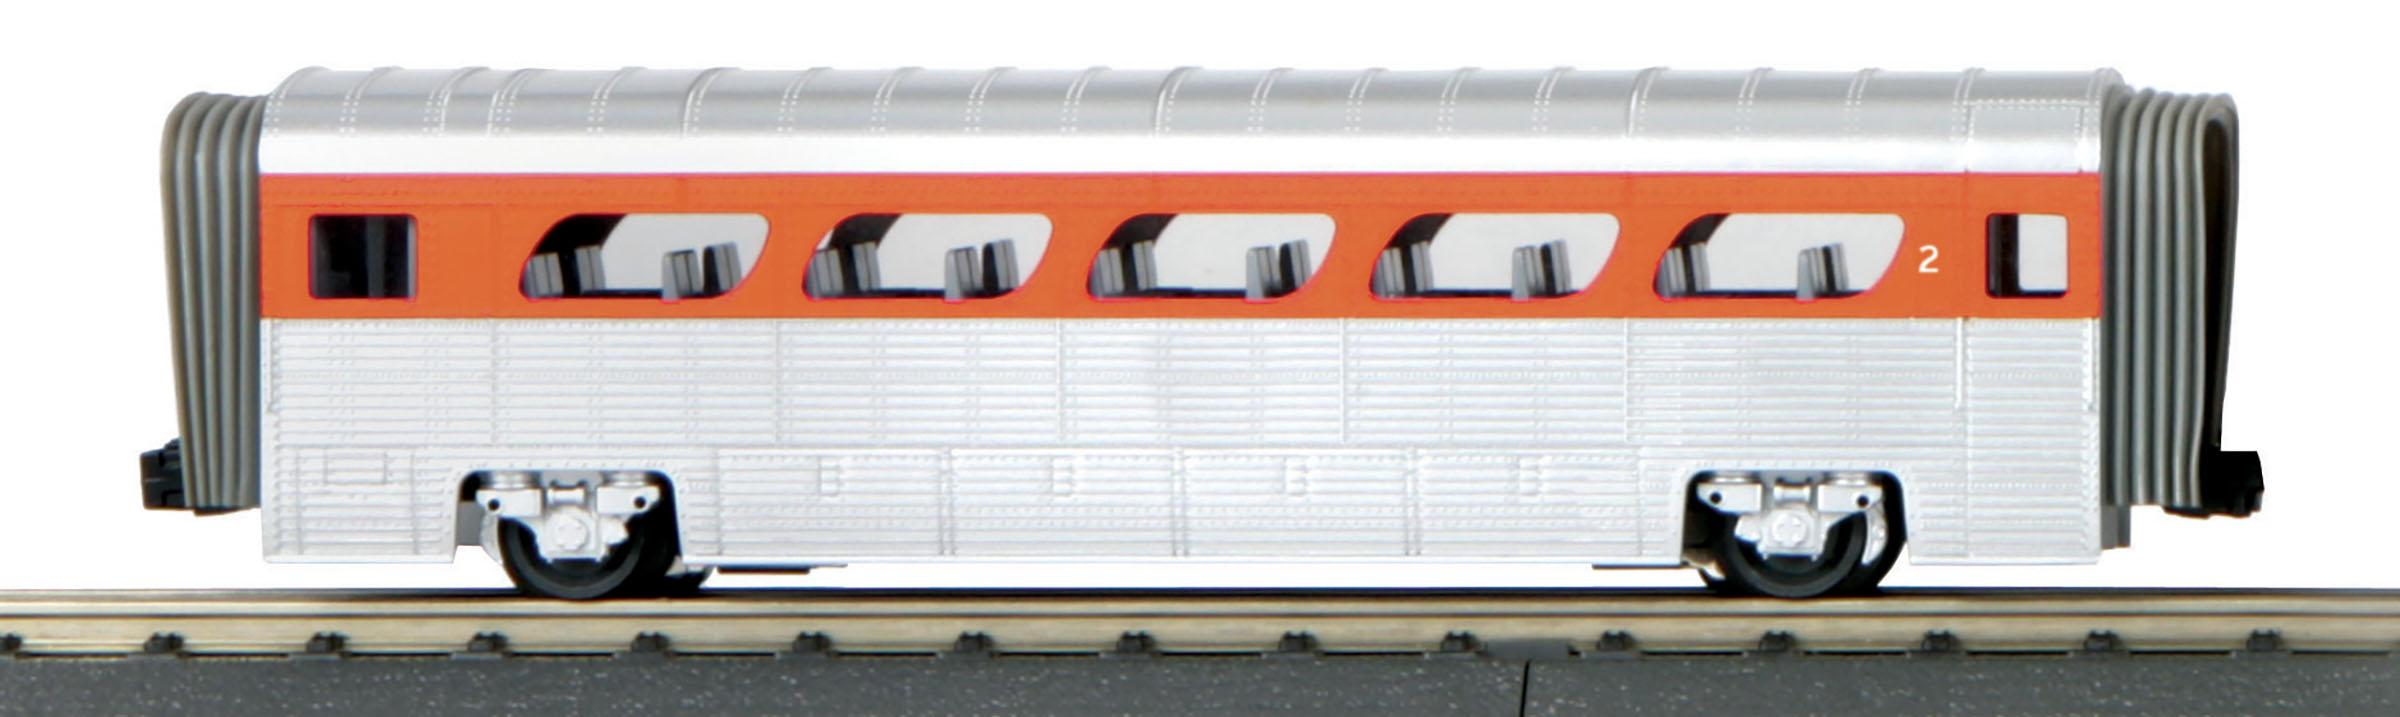 MTH 30-6185 O Aerotrain Coach 3 Rail RailKing Union Pacific 2